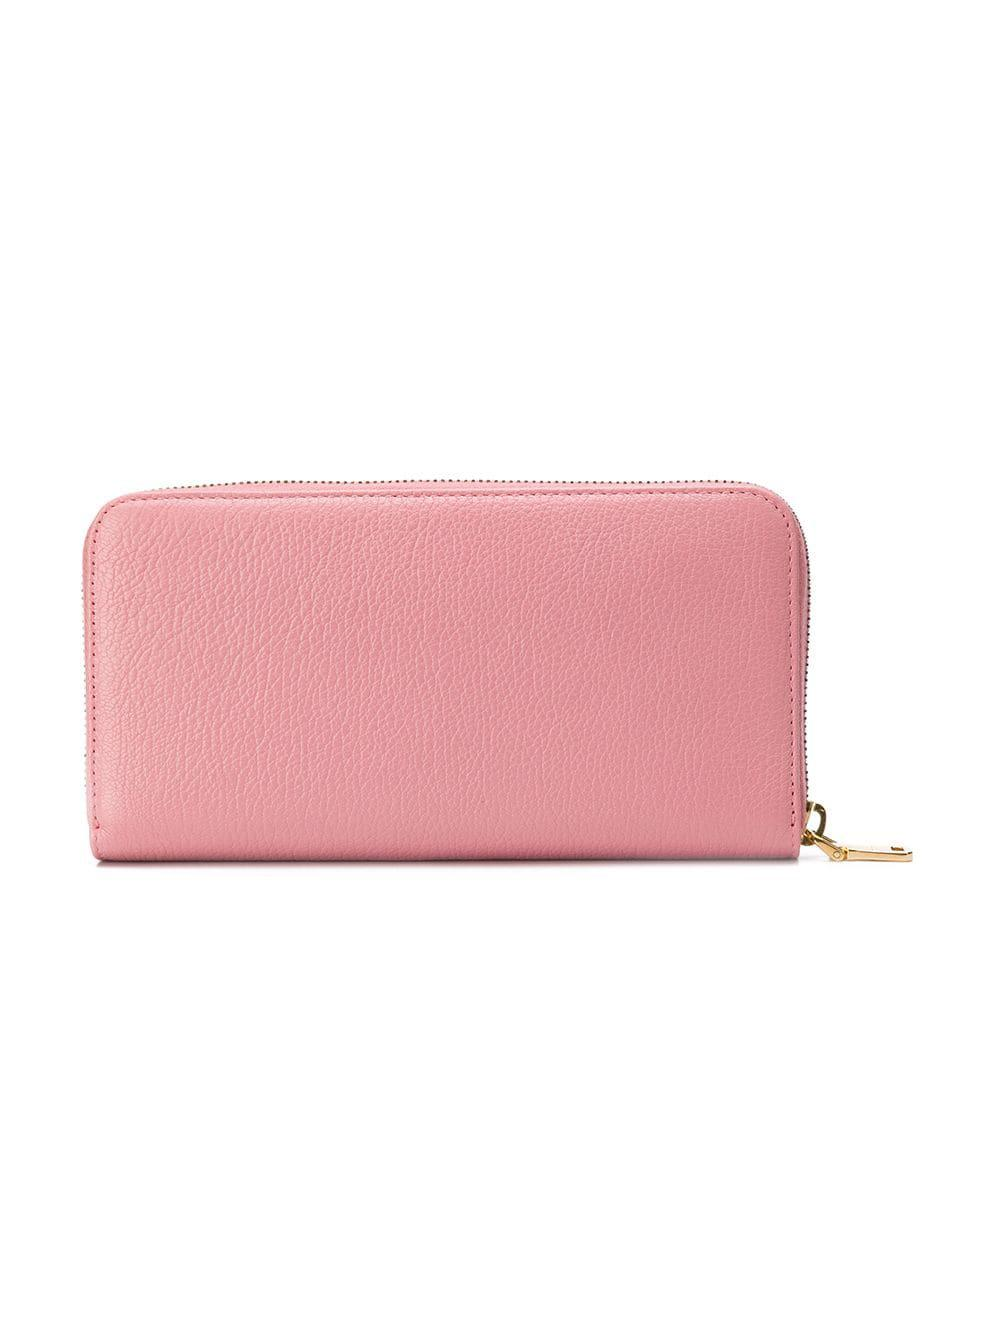 3b81c4b292d8 Lyst - Miu Miu Bow Continental Wallet in Pink